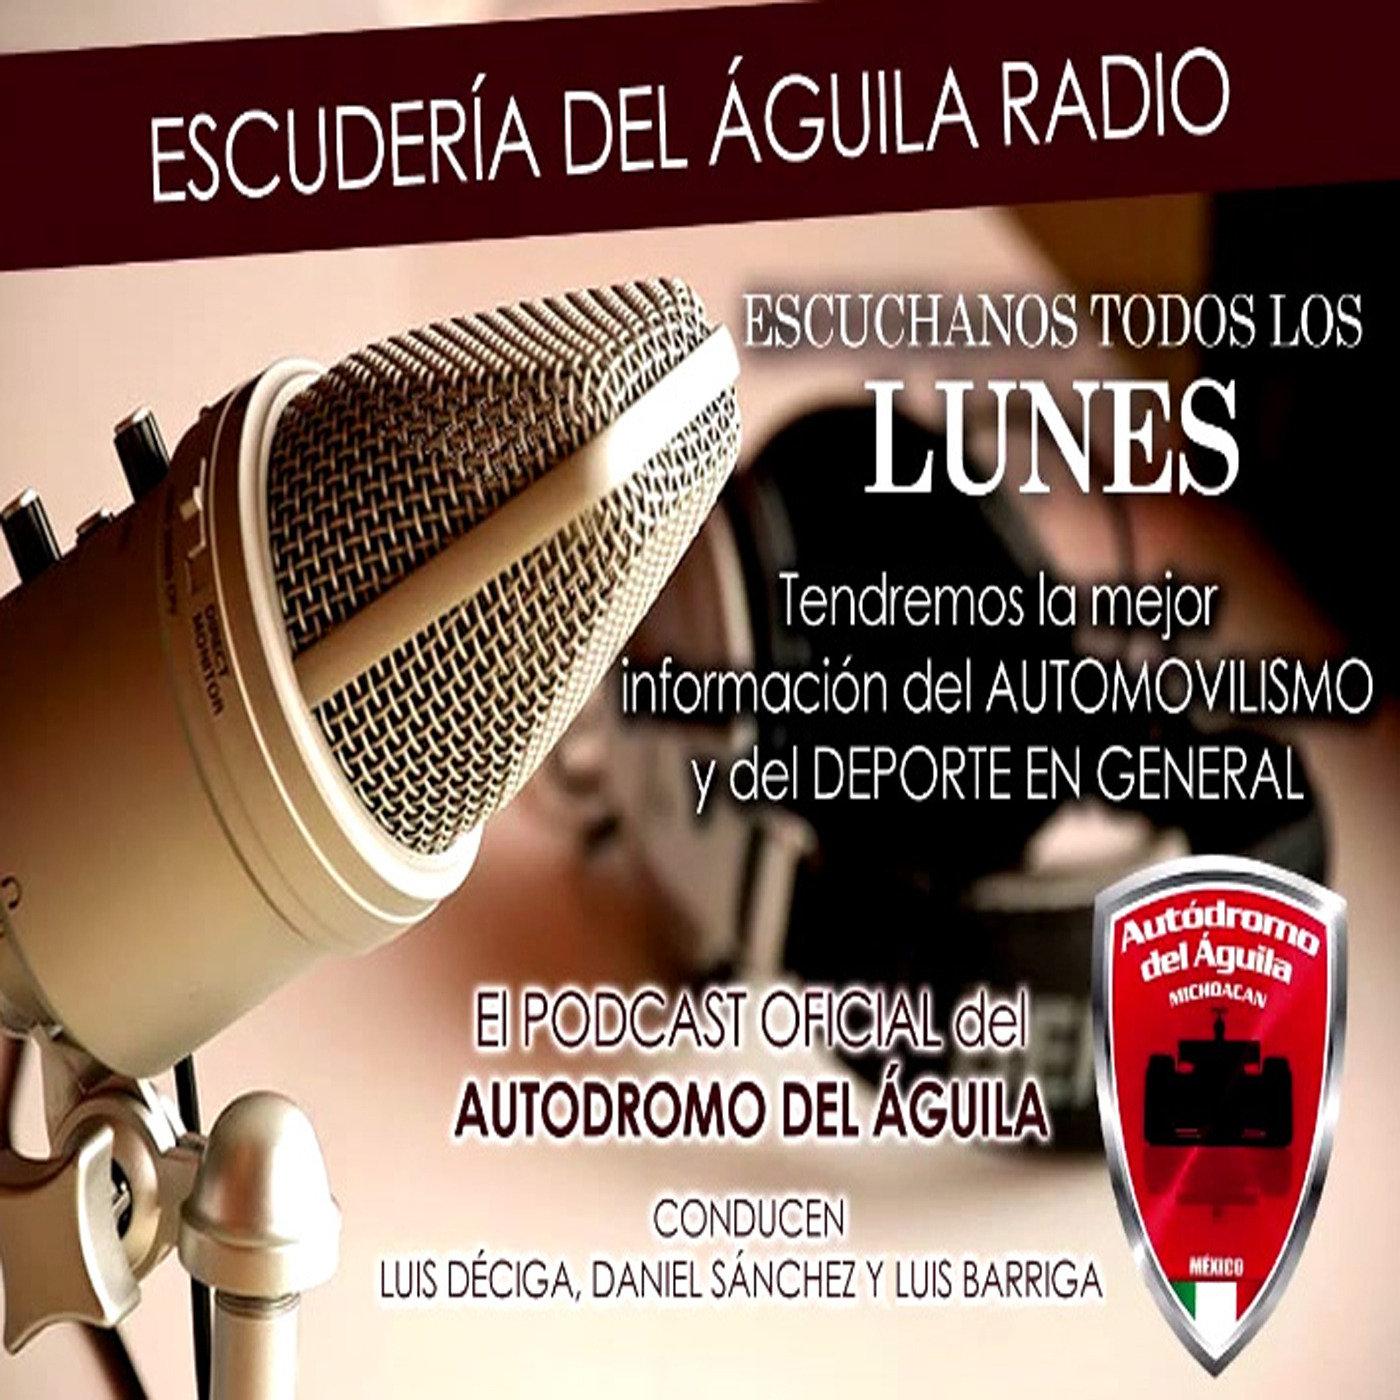 <![CDATA[Escudería del Águila Radio]]>